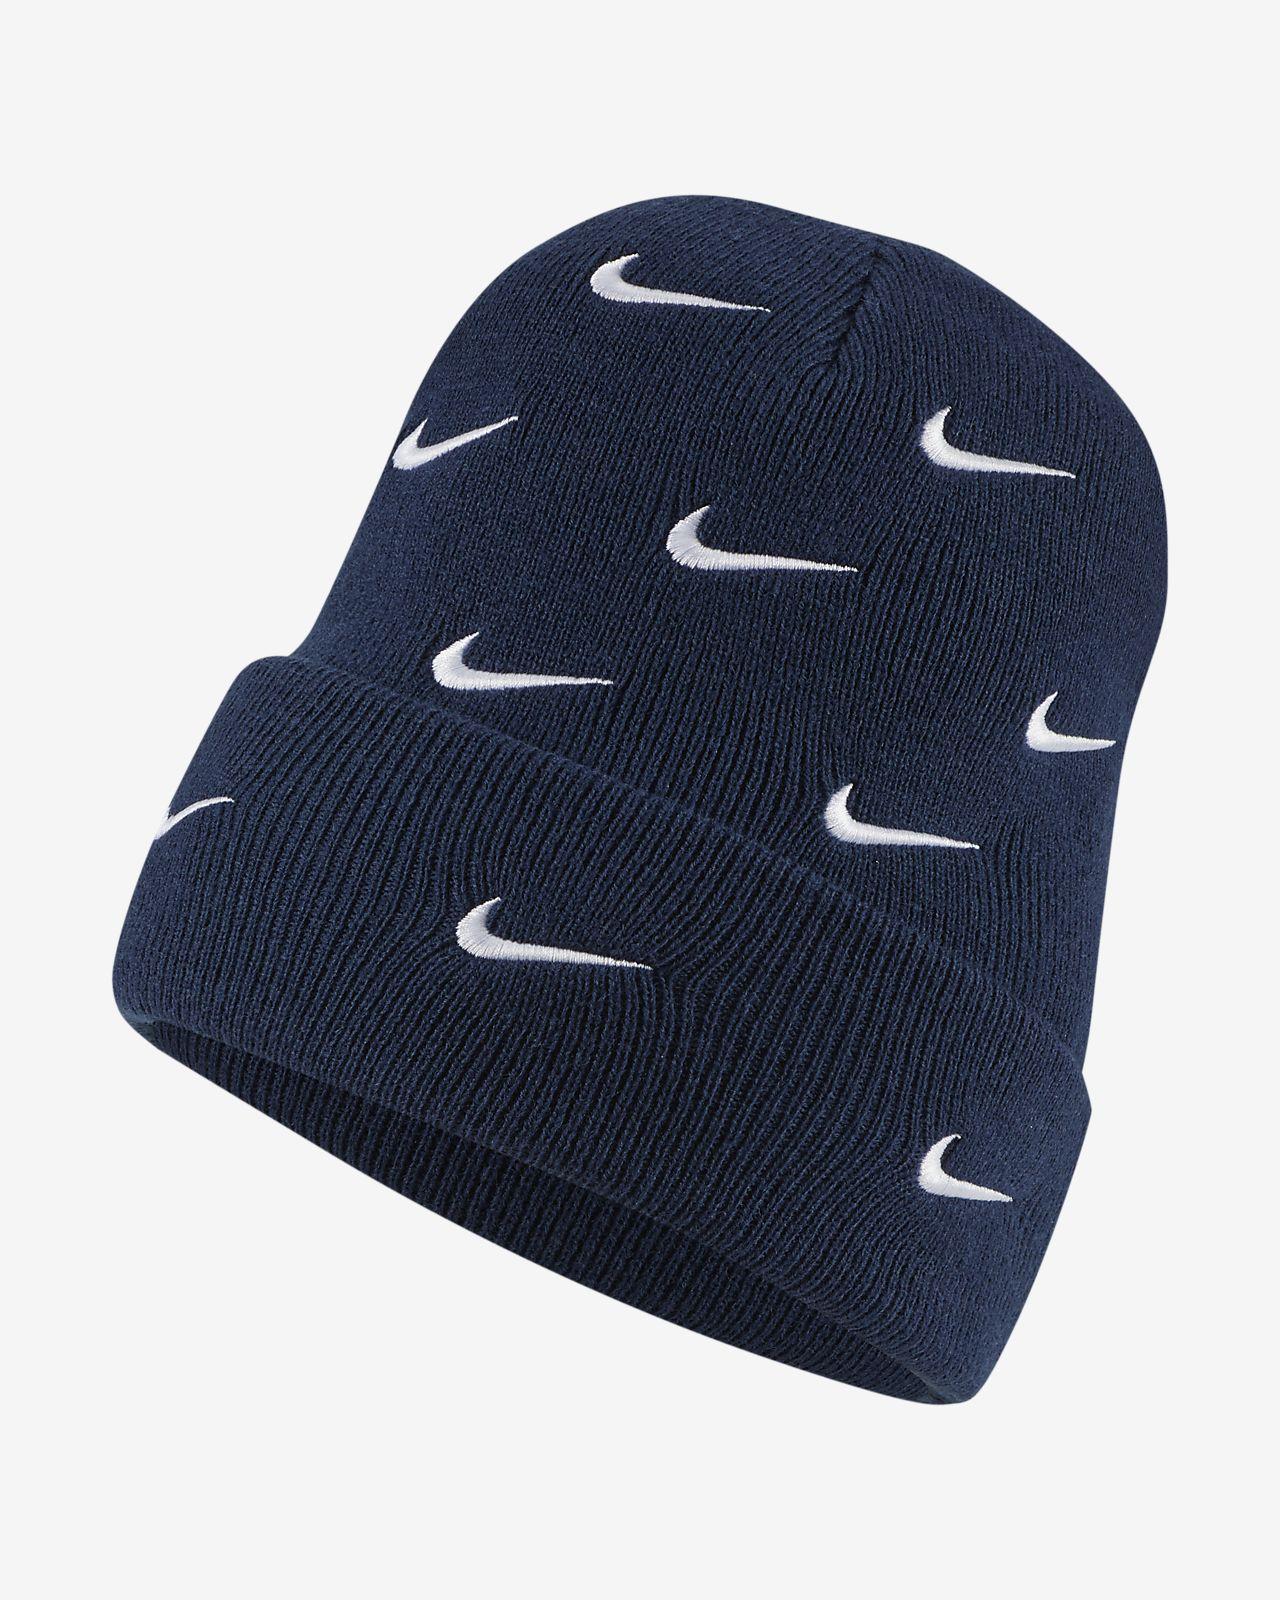 Nike Cuffed Beanie